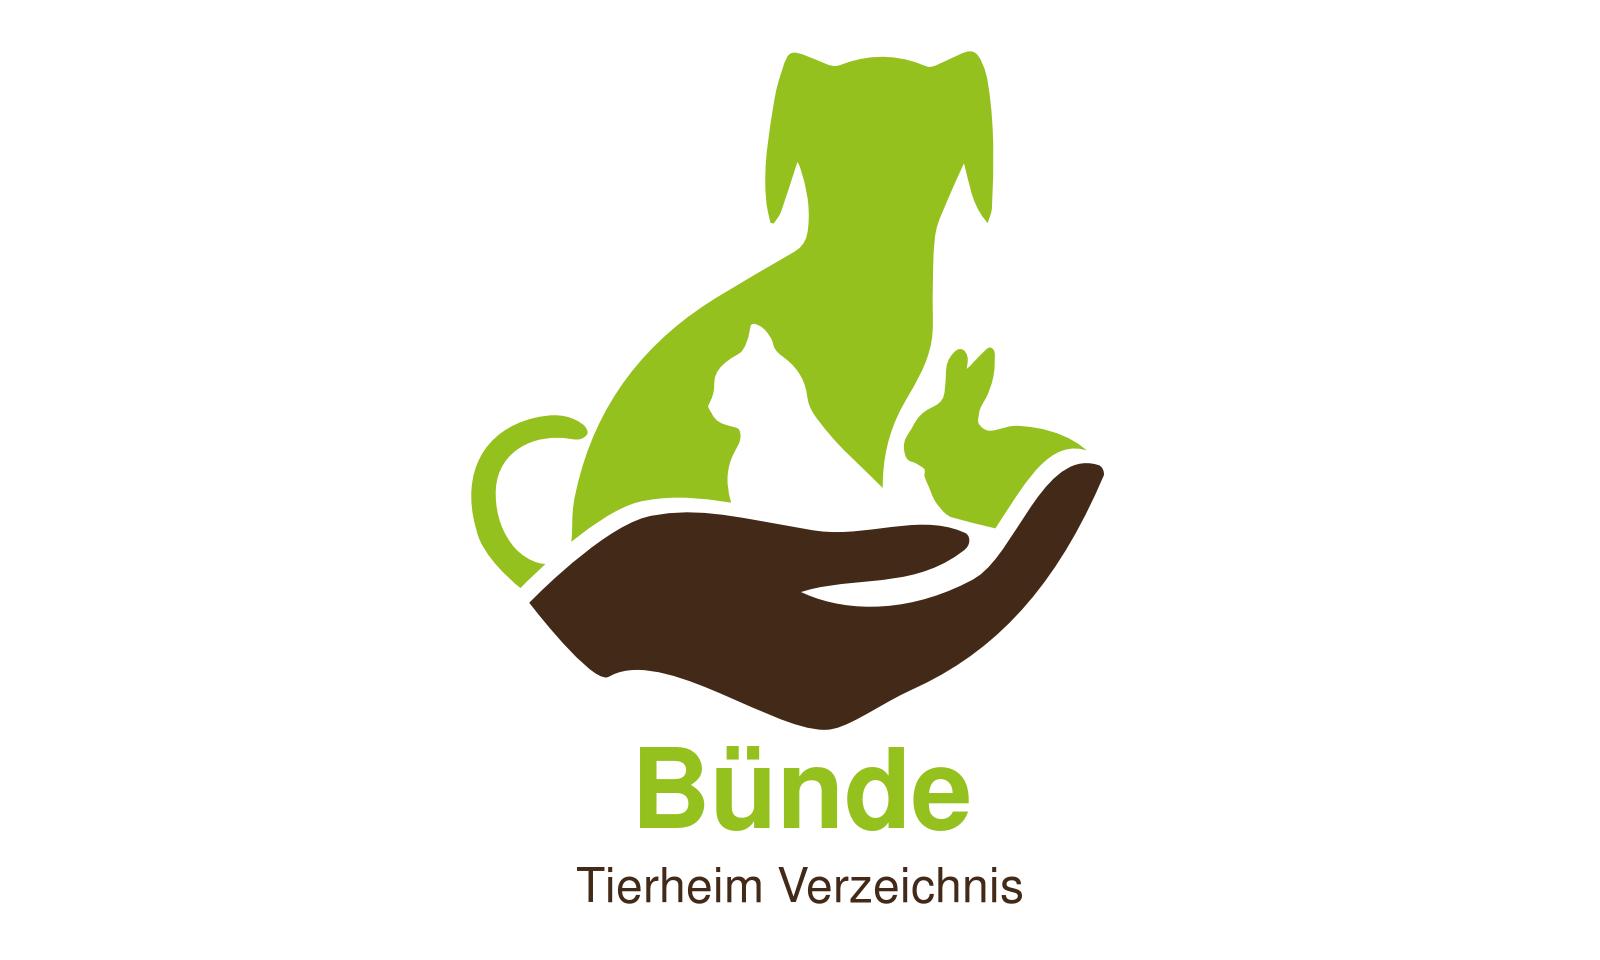 Tierheim Bünde